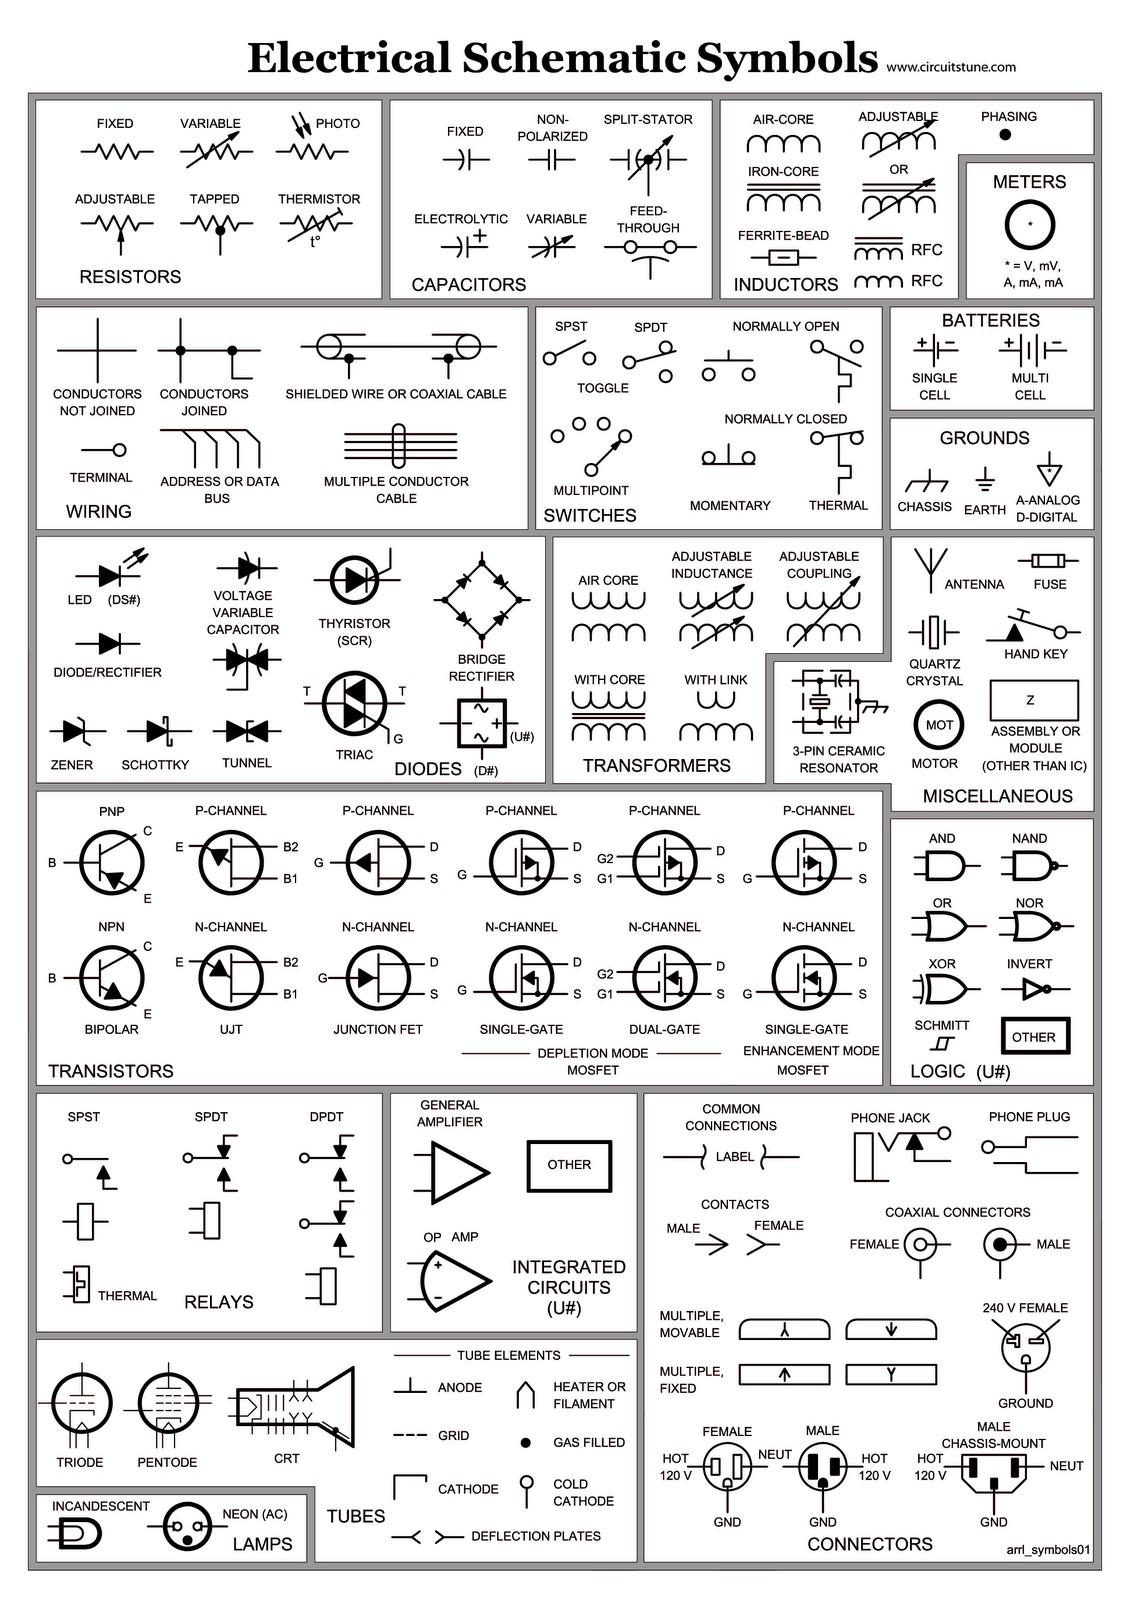 vJysJXCDlSA UBd T3Mjh6I AAAAAAAAAyk tVL4J2R sOs s1600 Electrical Schematic Symbols